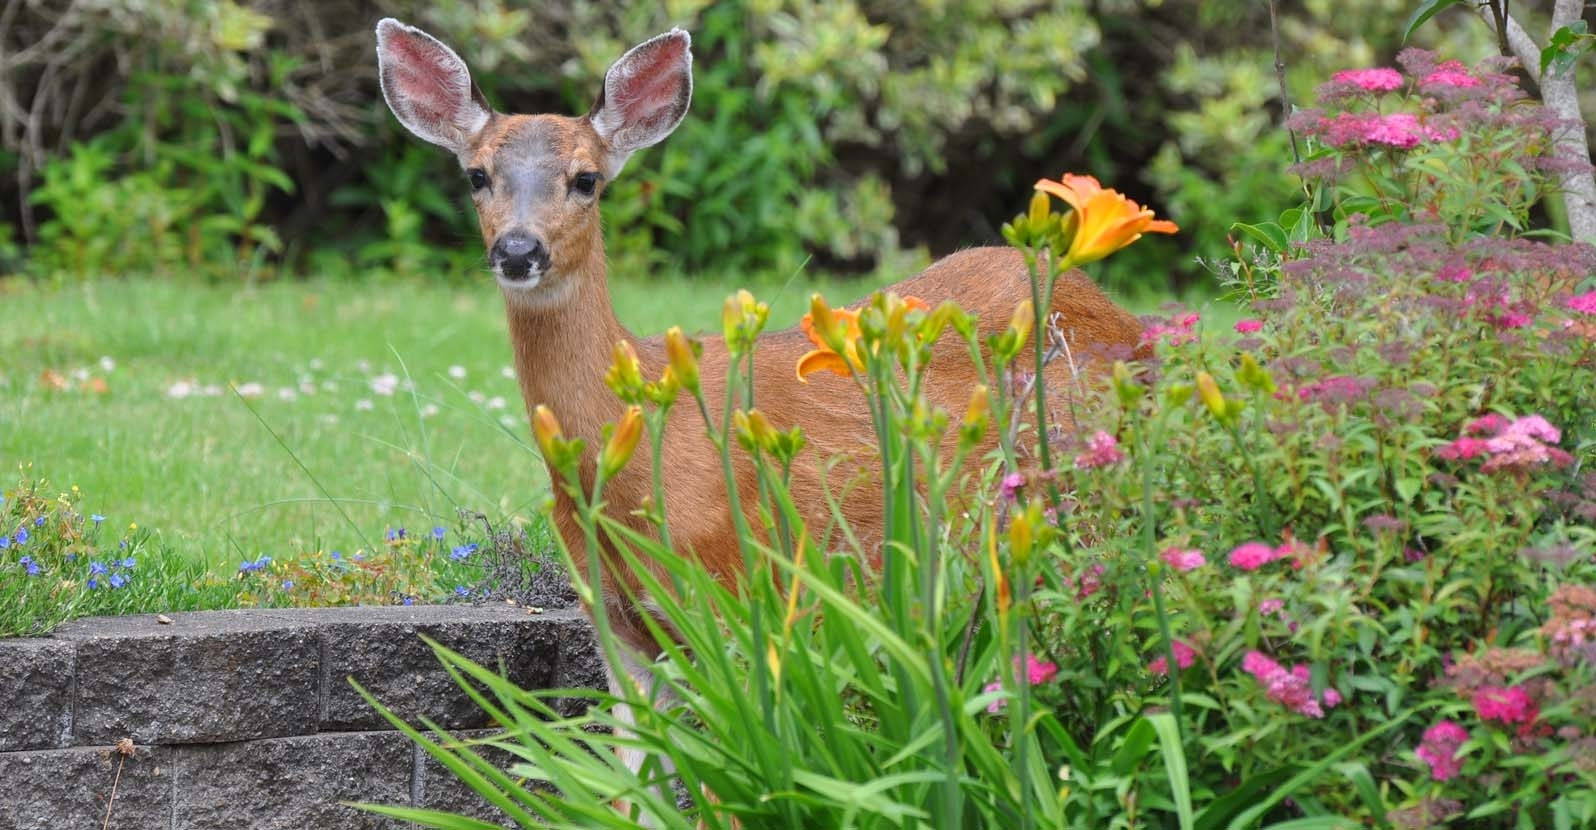 Growing Deer Resistant Plants